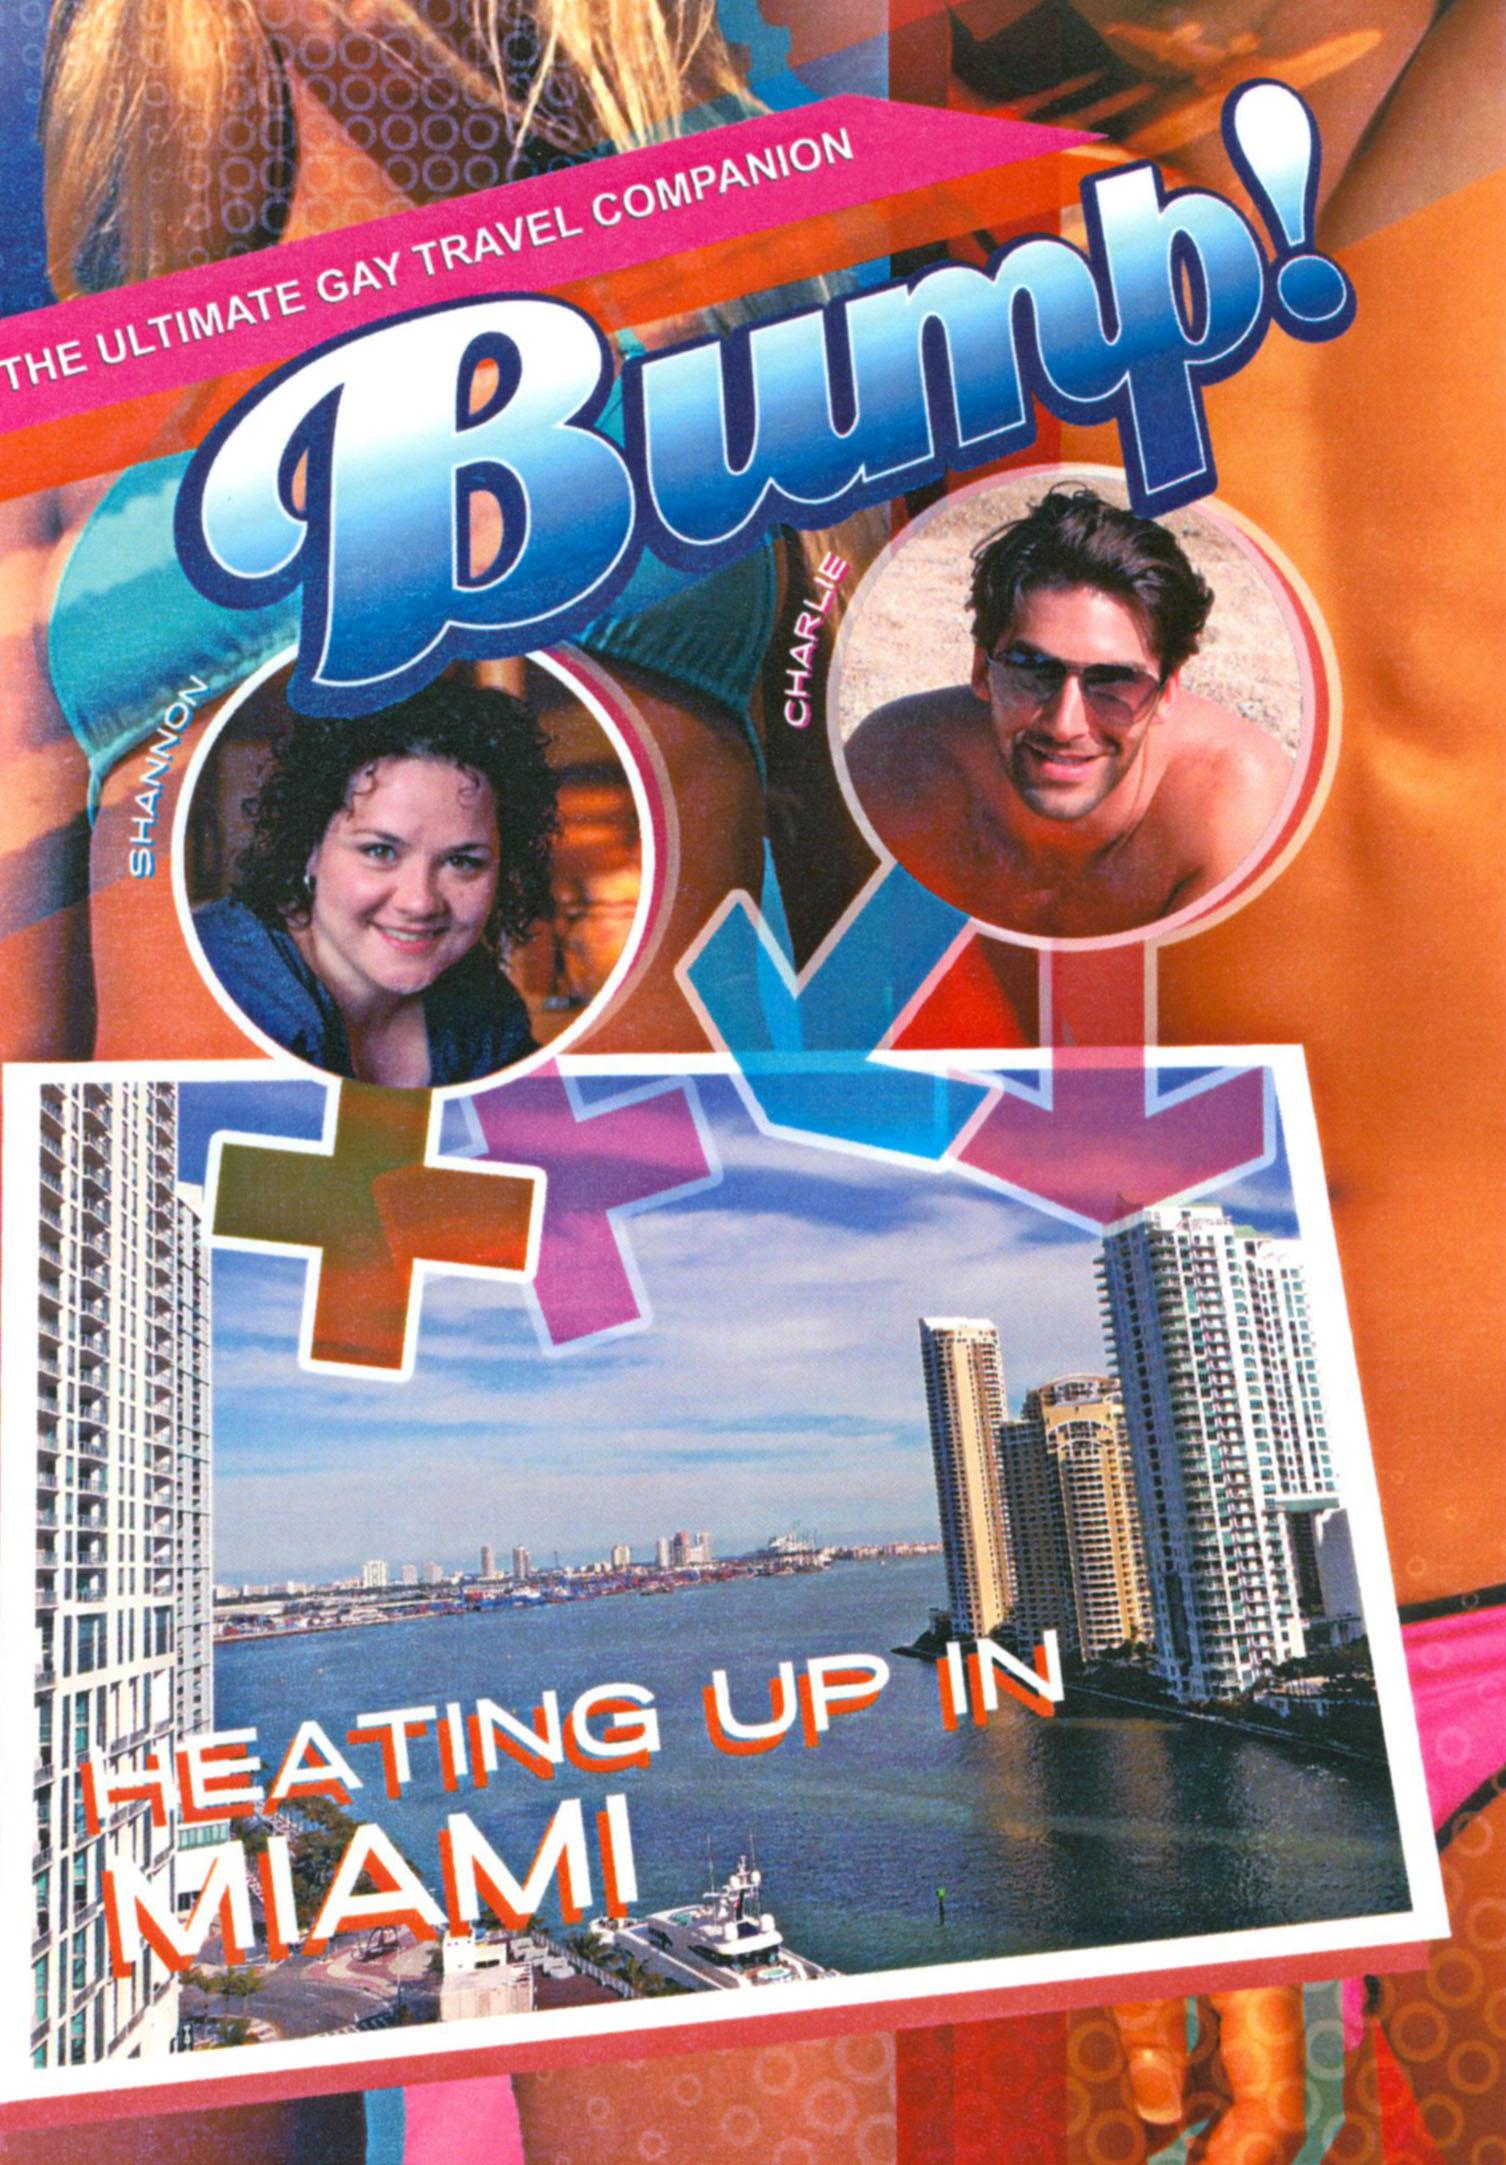 Bump!: Miami